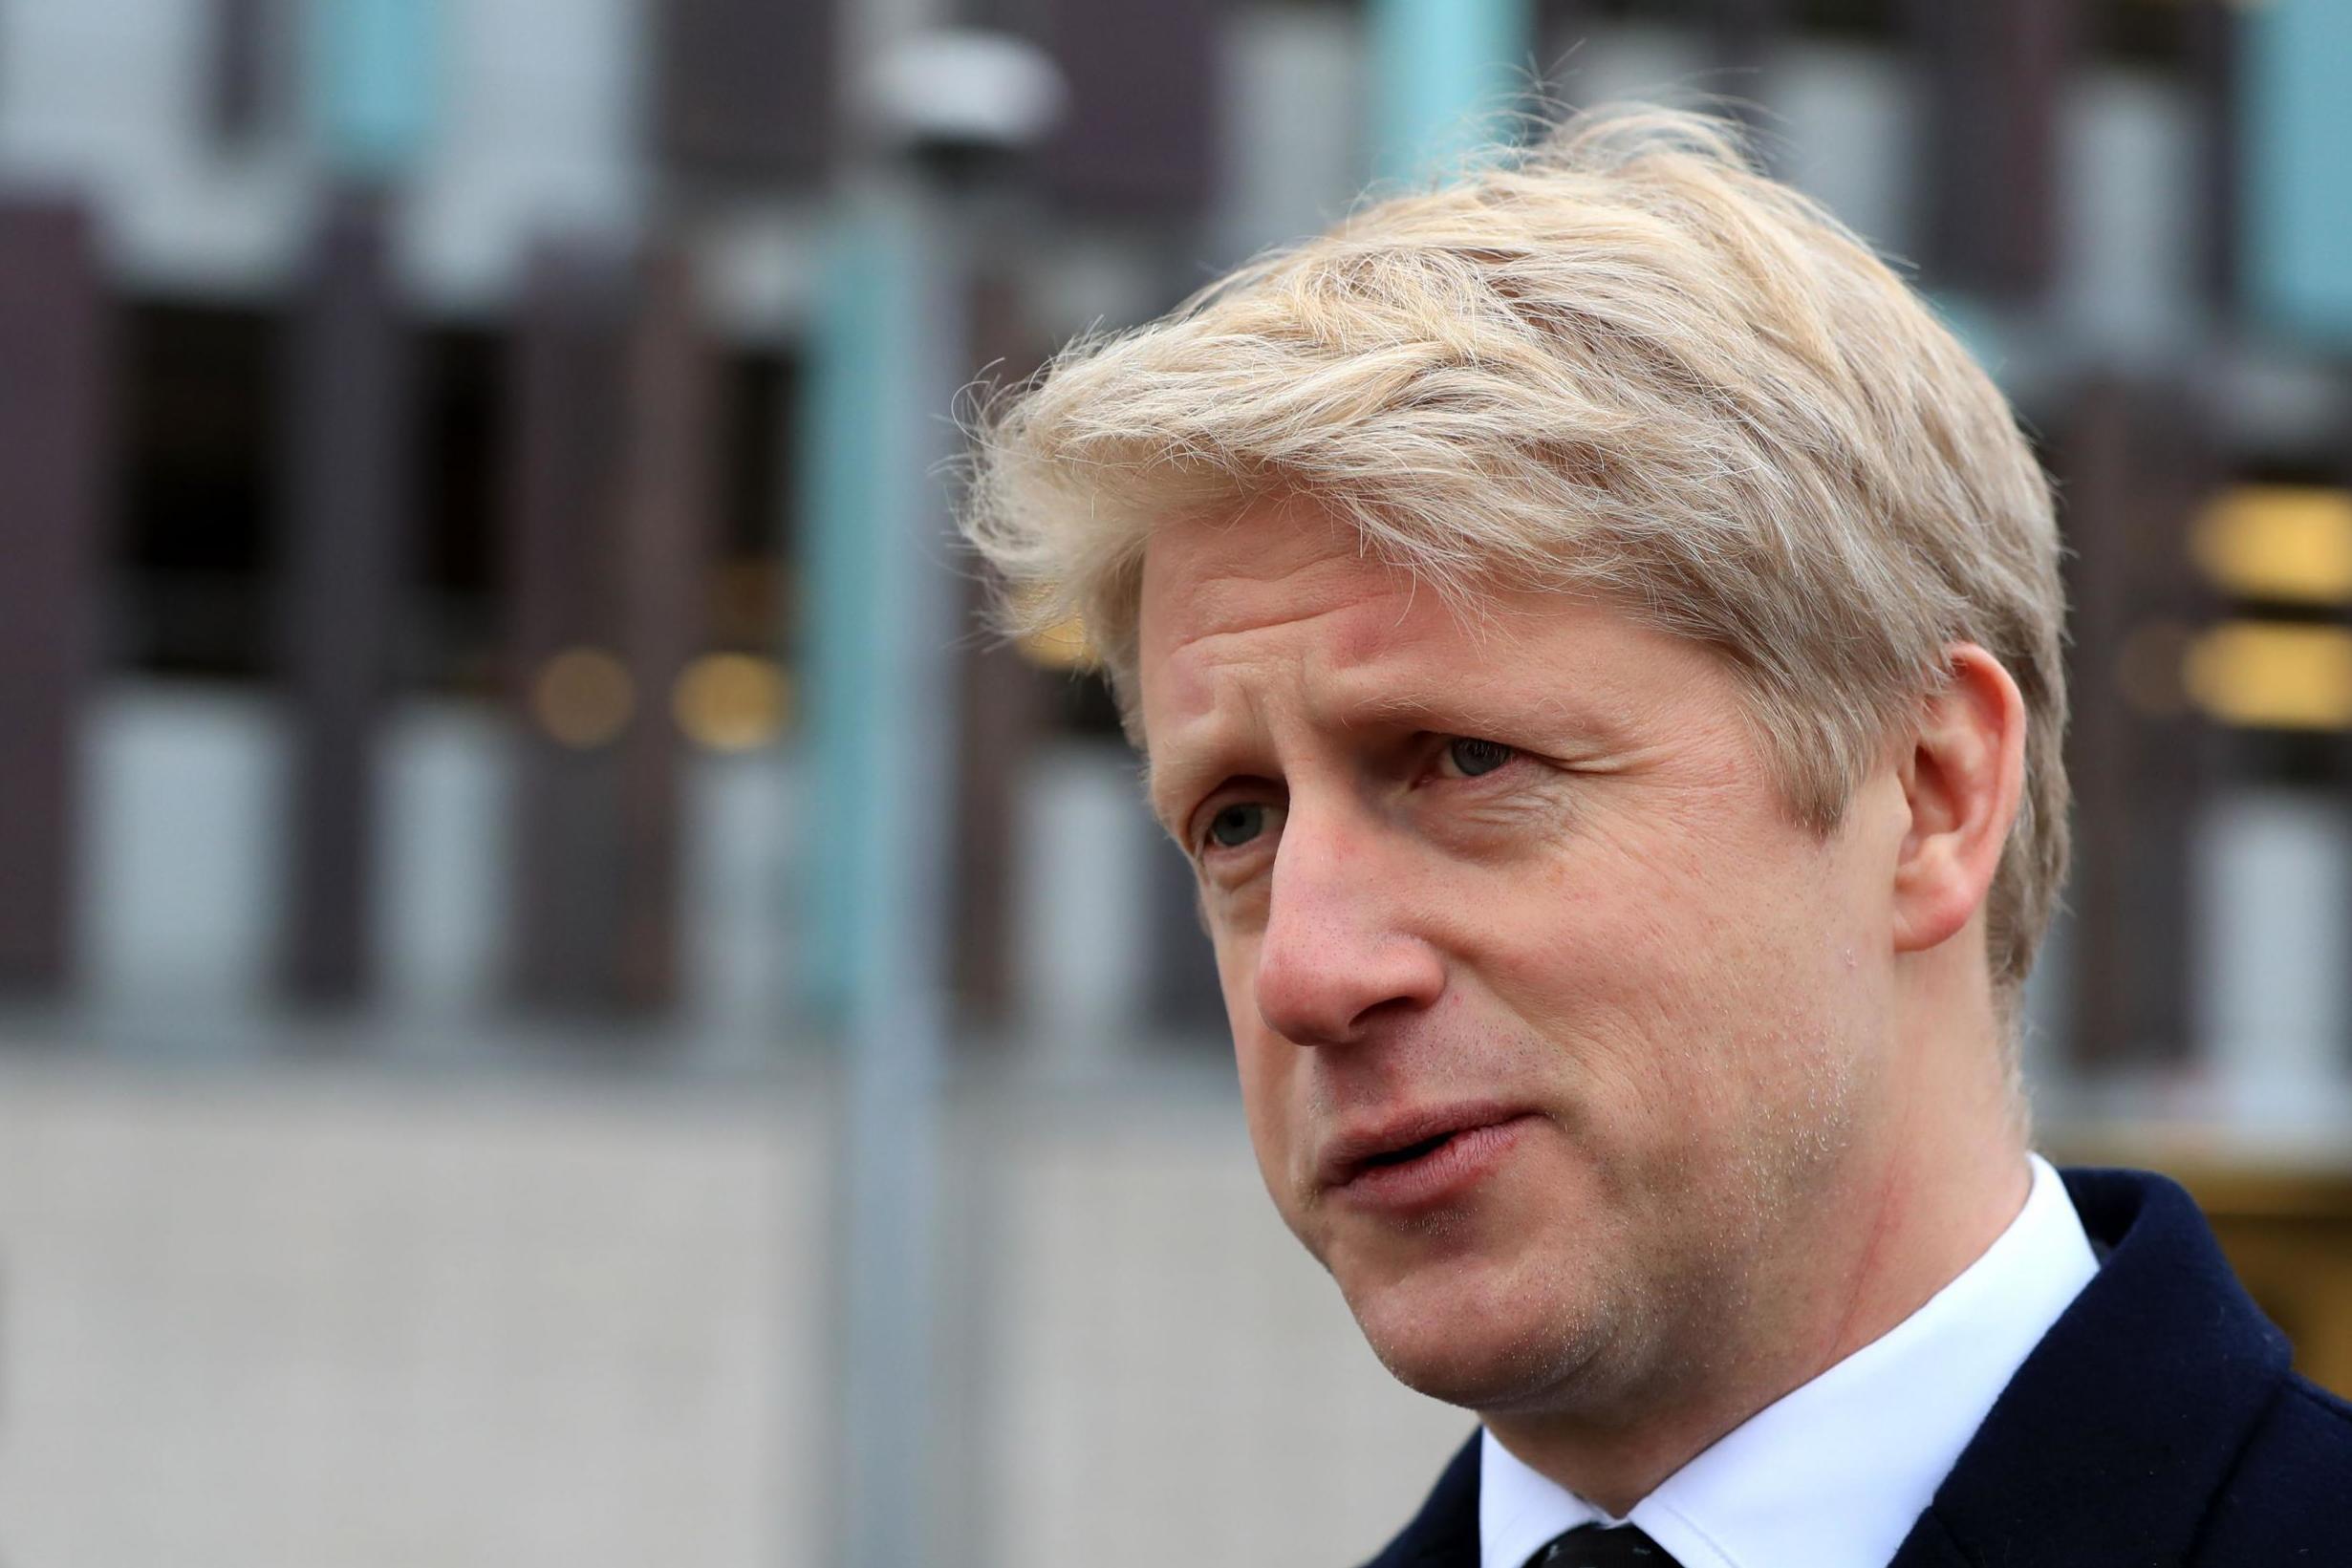 استقالة وزير آخر بالحكومة البريطانية اعتراضاً على استيراتيجة البريكست